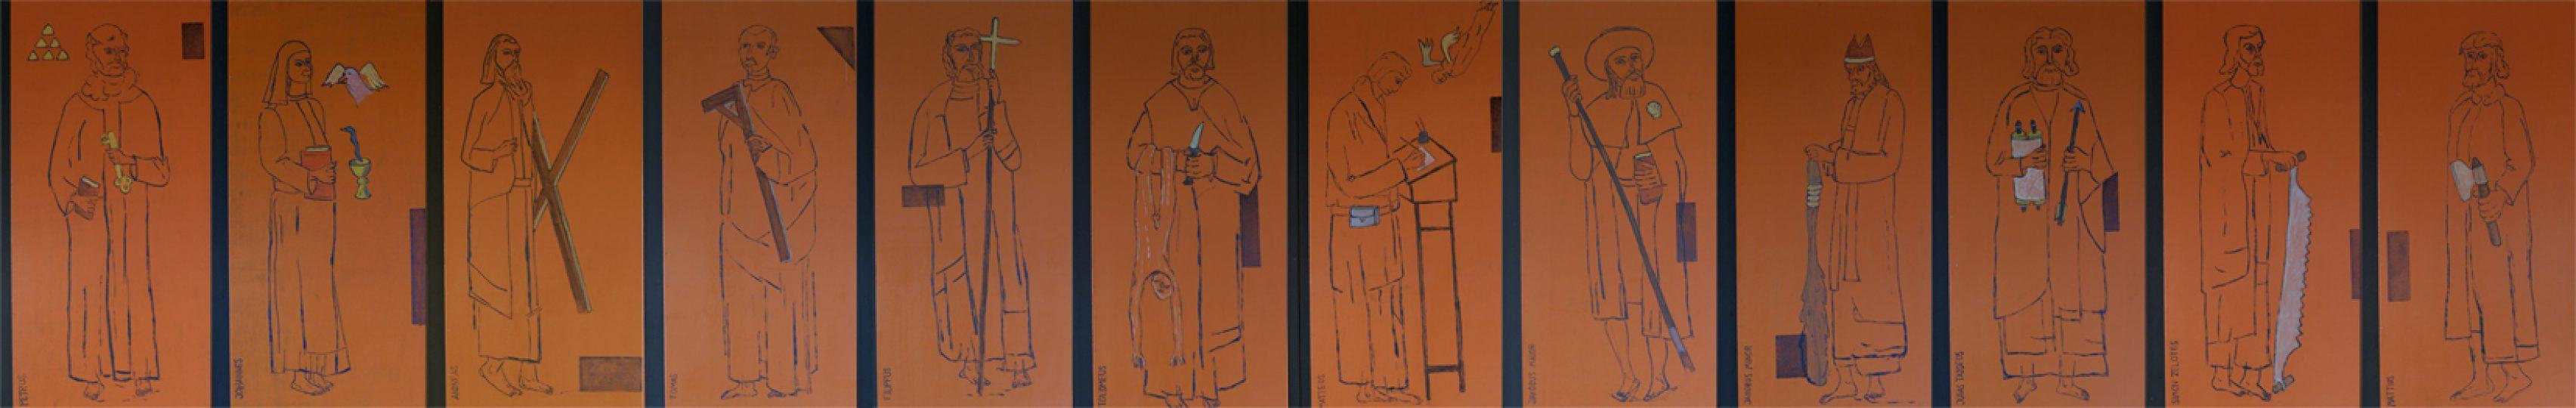 tekeningen van de 12 apostelen Edith Steinkapel Nieuw Bergen olie en etsinkt/paneel 110x720 cm. 2013